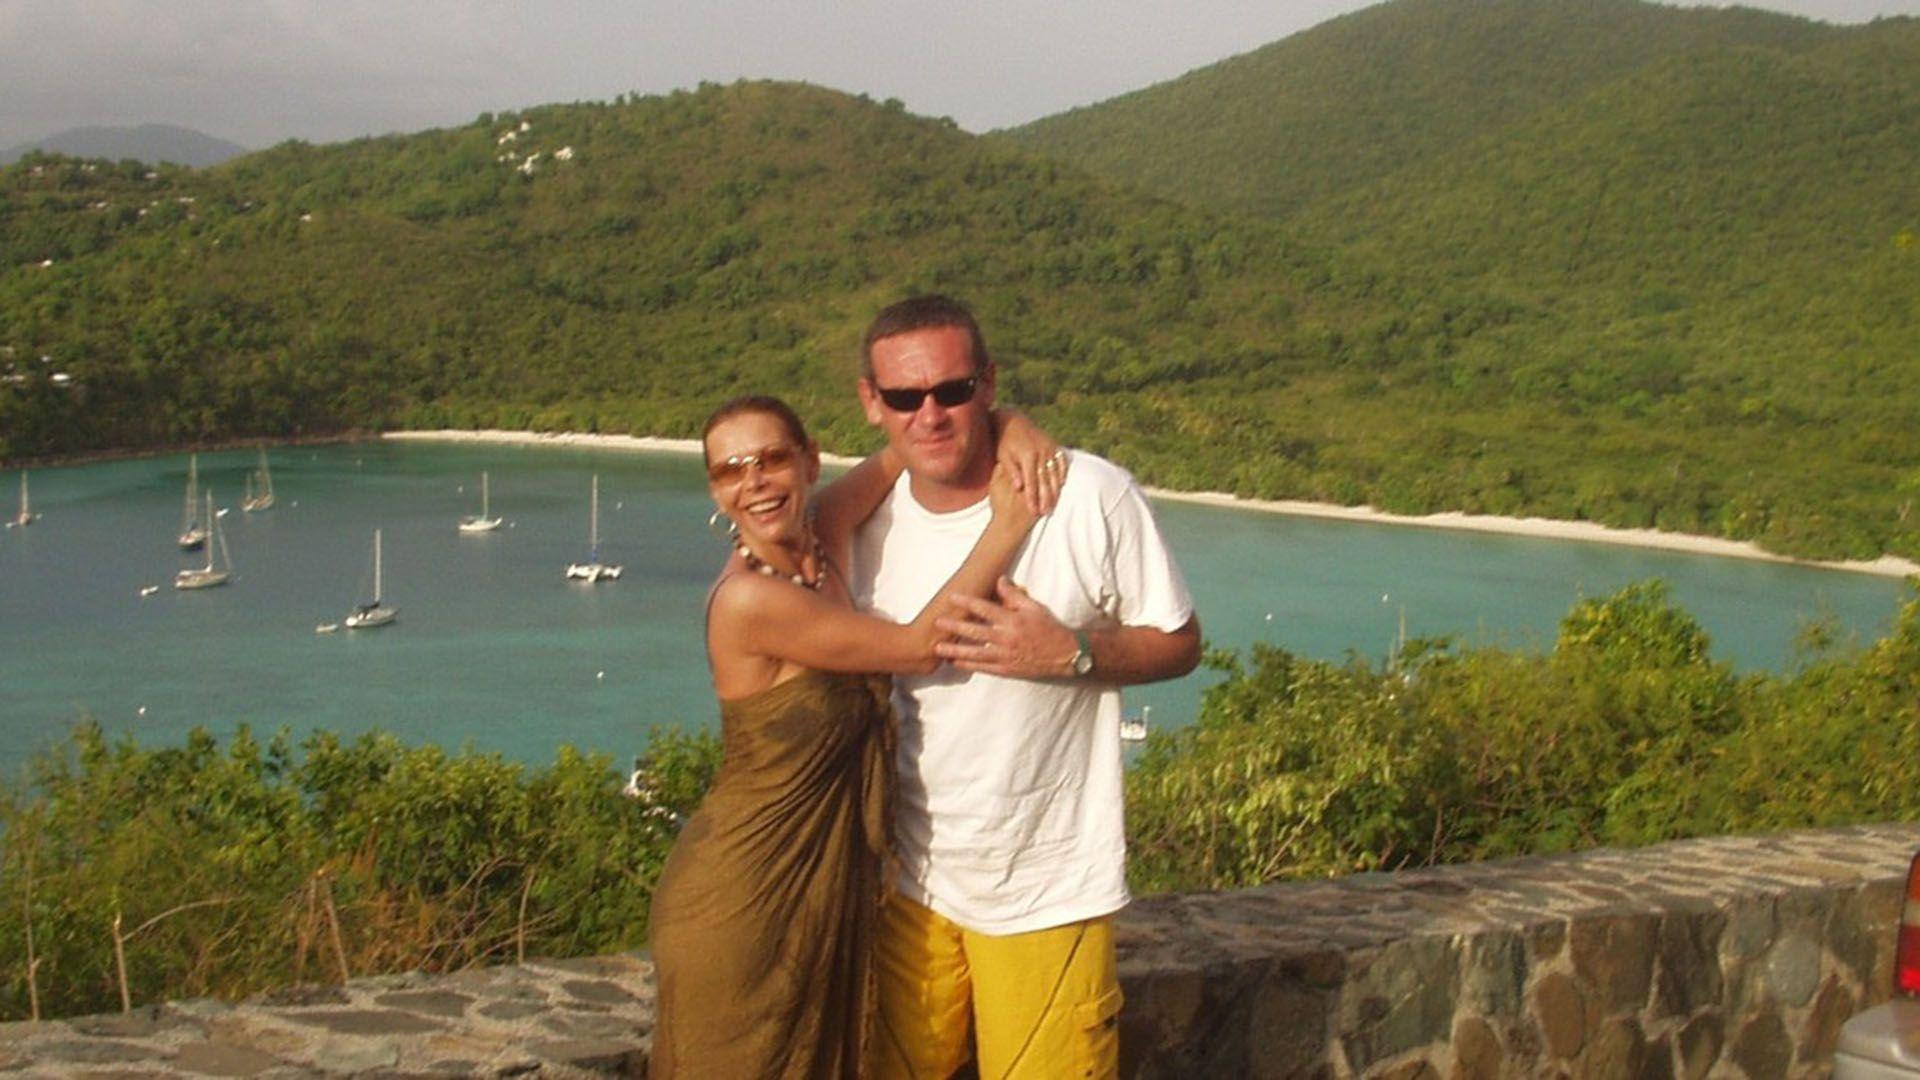 Nora Dalmasso y Marcelo Macarrón durante unas vacaciones, tiempo antes del crimen